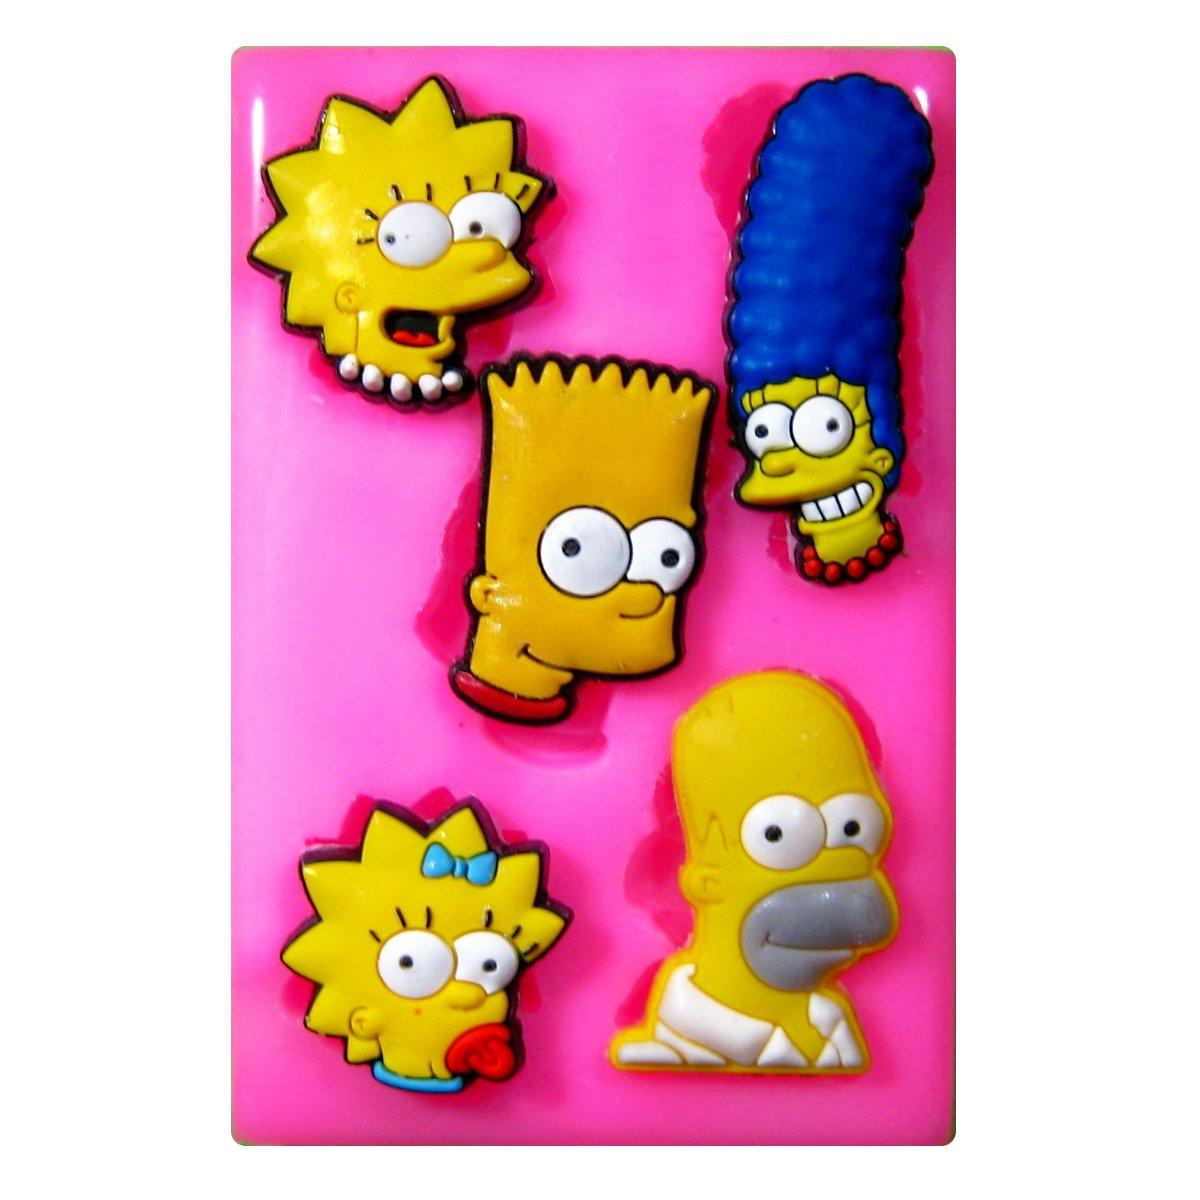 Familia de los Simpson Moldede silicona para la torta de Decoraciónhttps://amzn.to/2IjHLoy